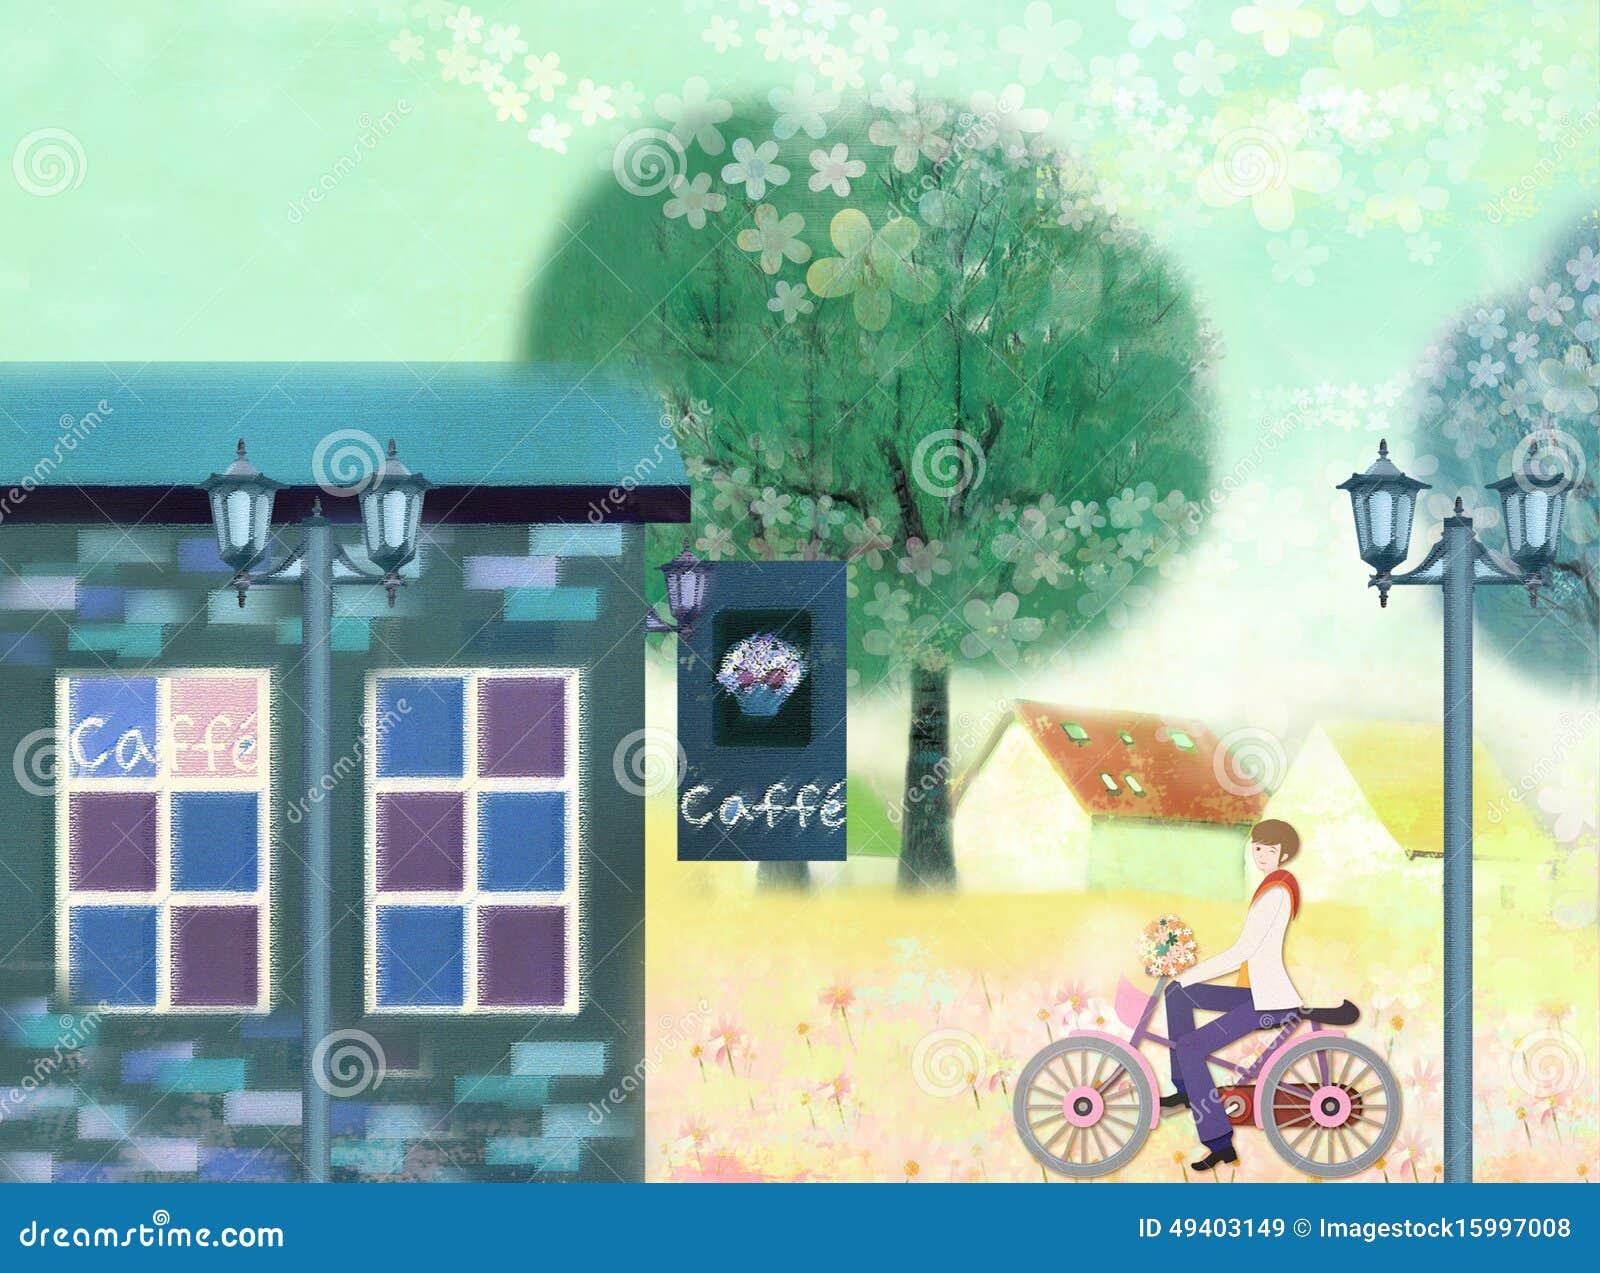 Download Café auf der Straße stock abbildung. Illustration von blumen - 49403149